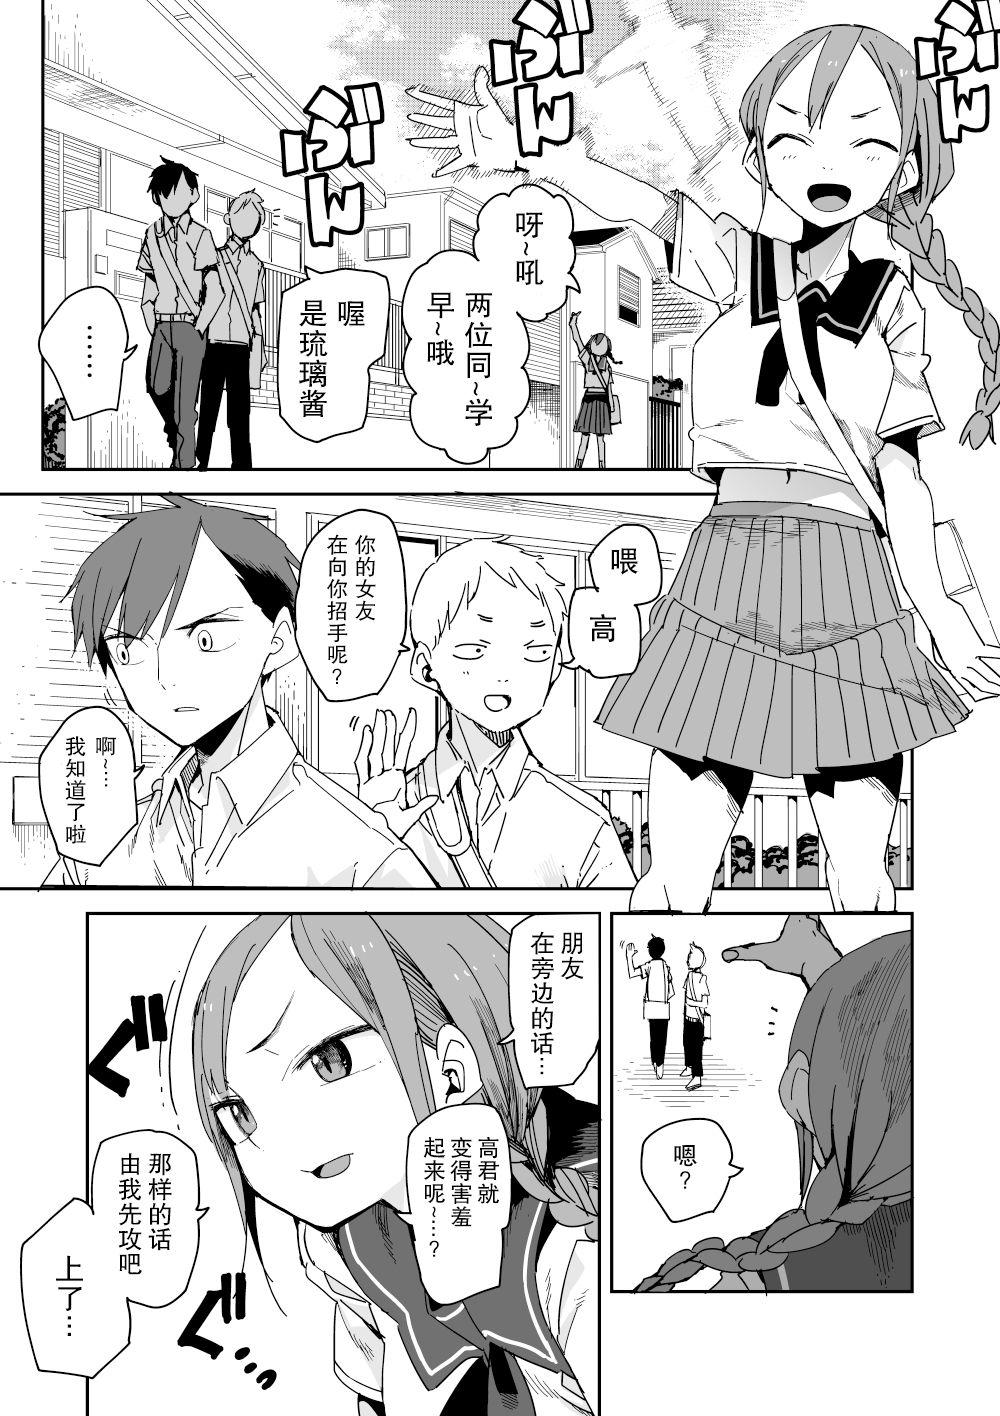 战斗漫画情侣常有的清晨情景 2